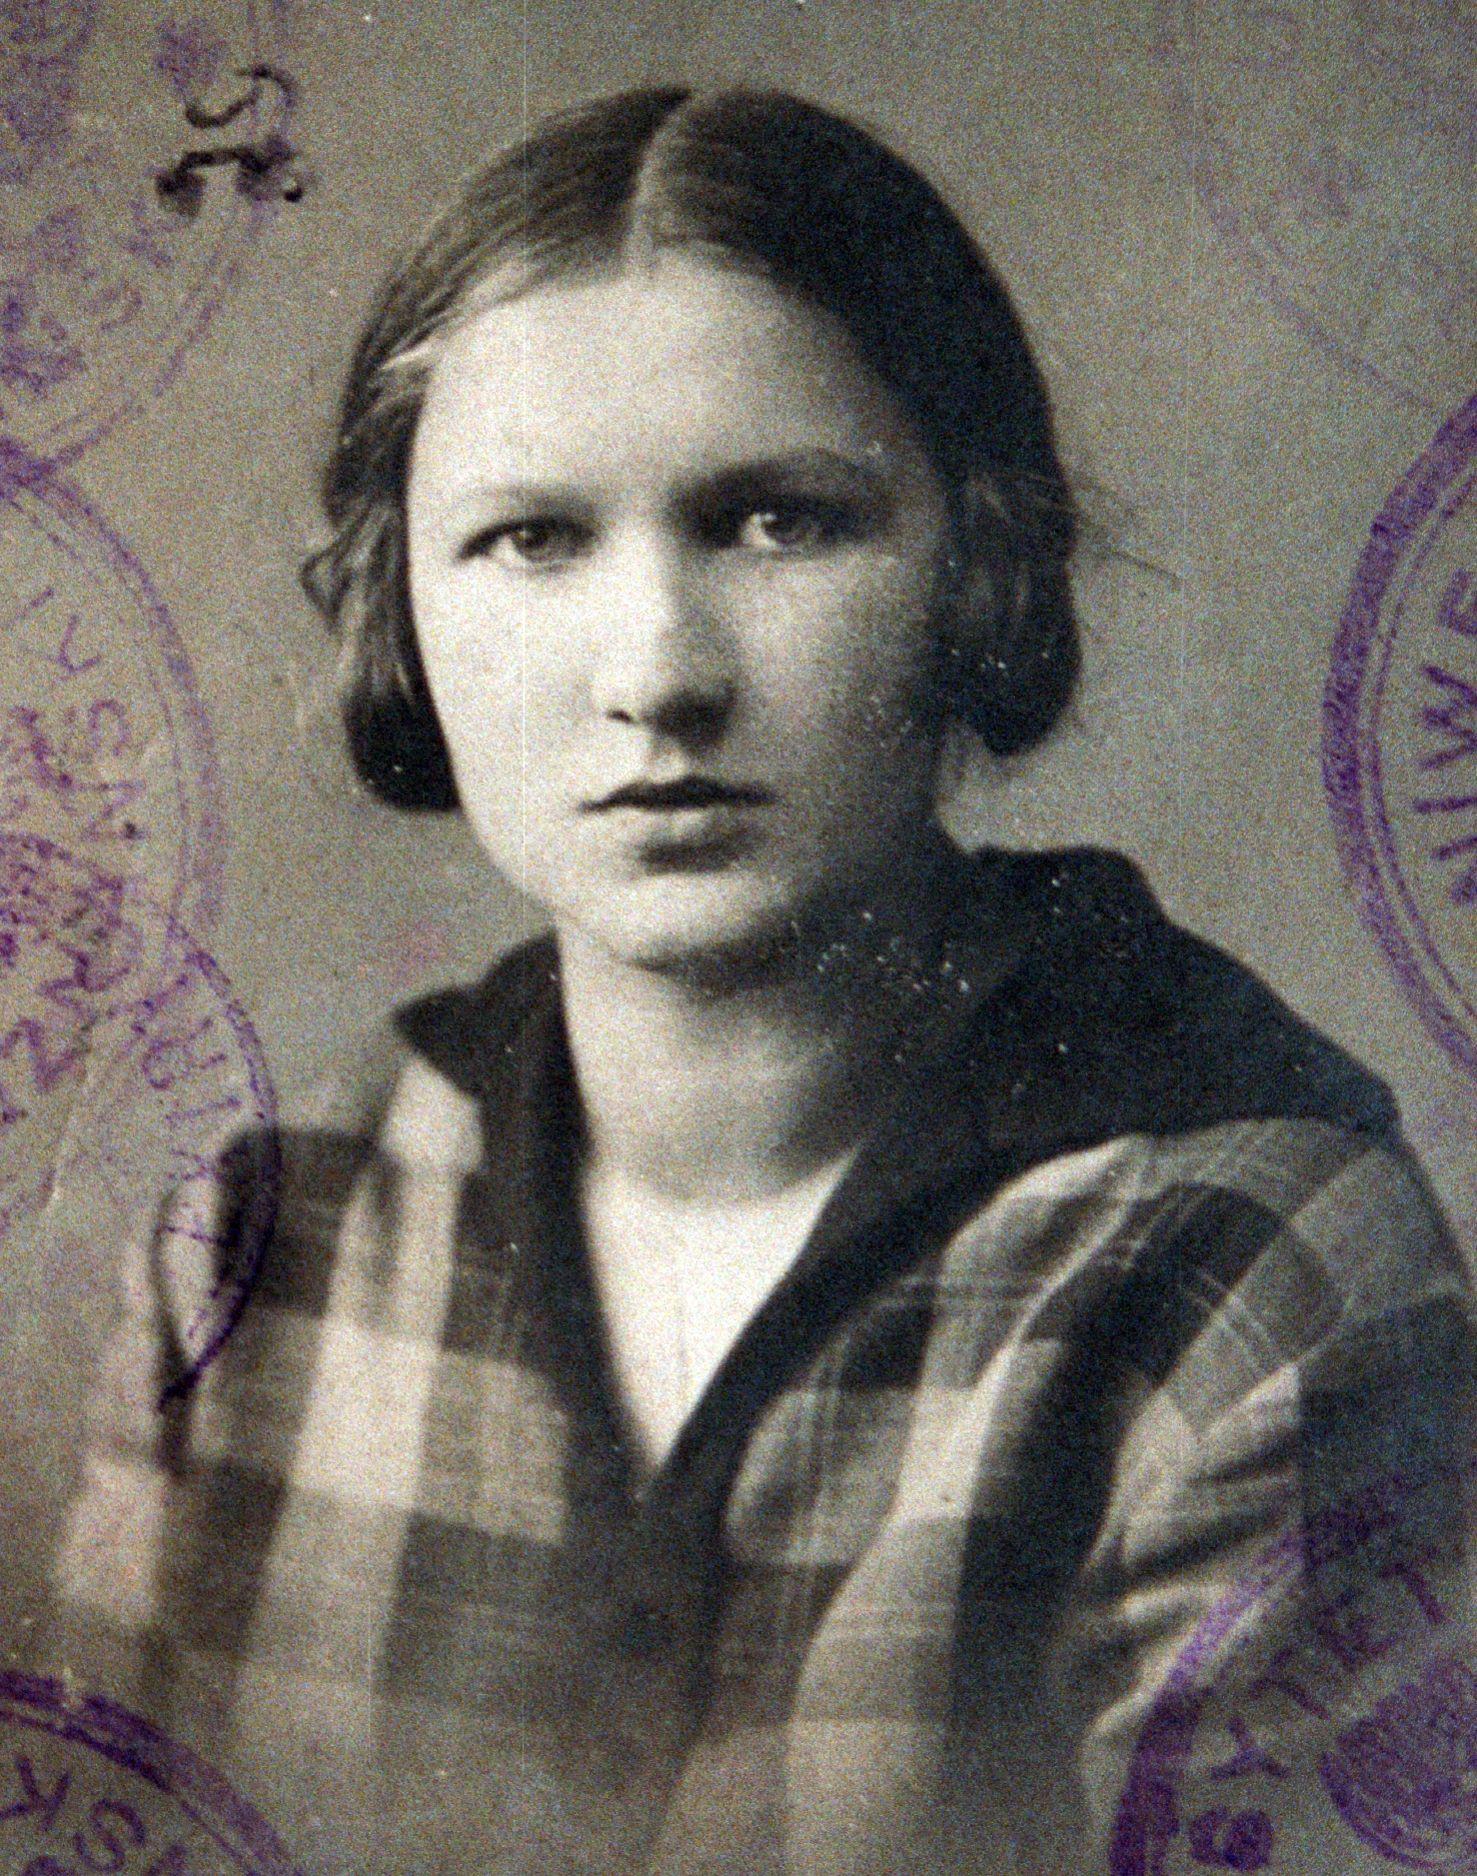 """Elzbieta Zawacka """"Zo"""". Fotografia pochodzi z książki """"Wielka Księga Armii Krajowej"""" (Znak Horyzont 2015)."""